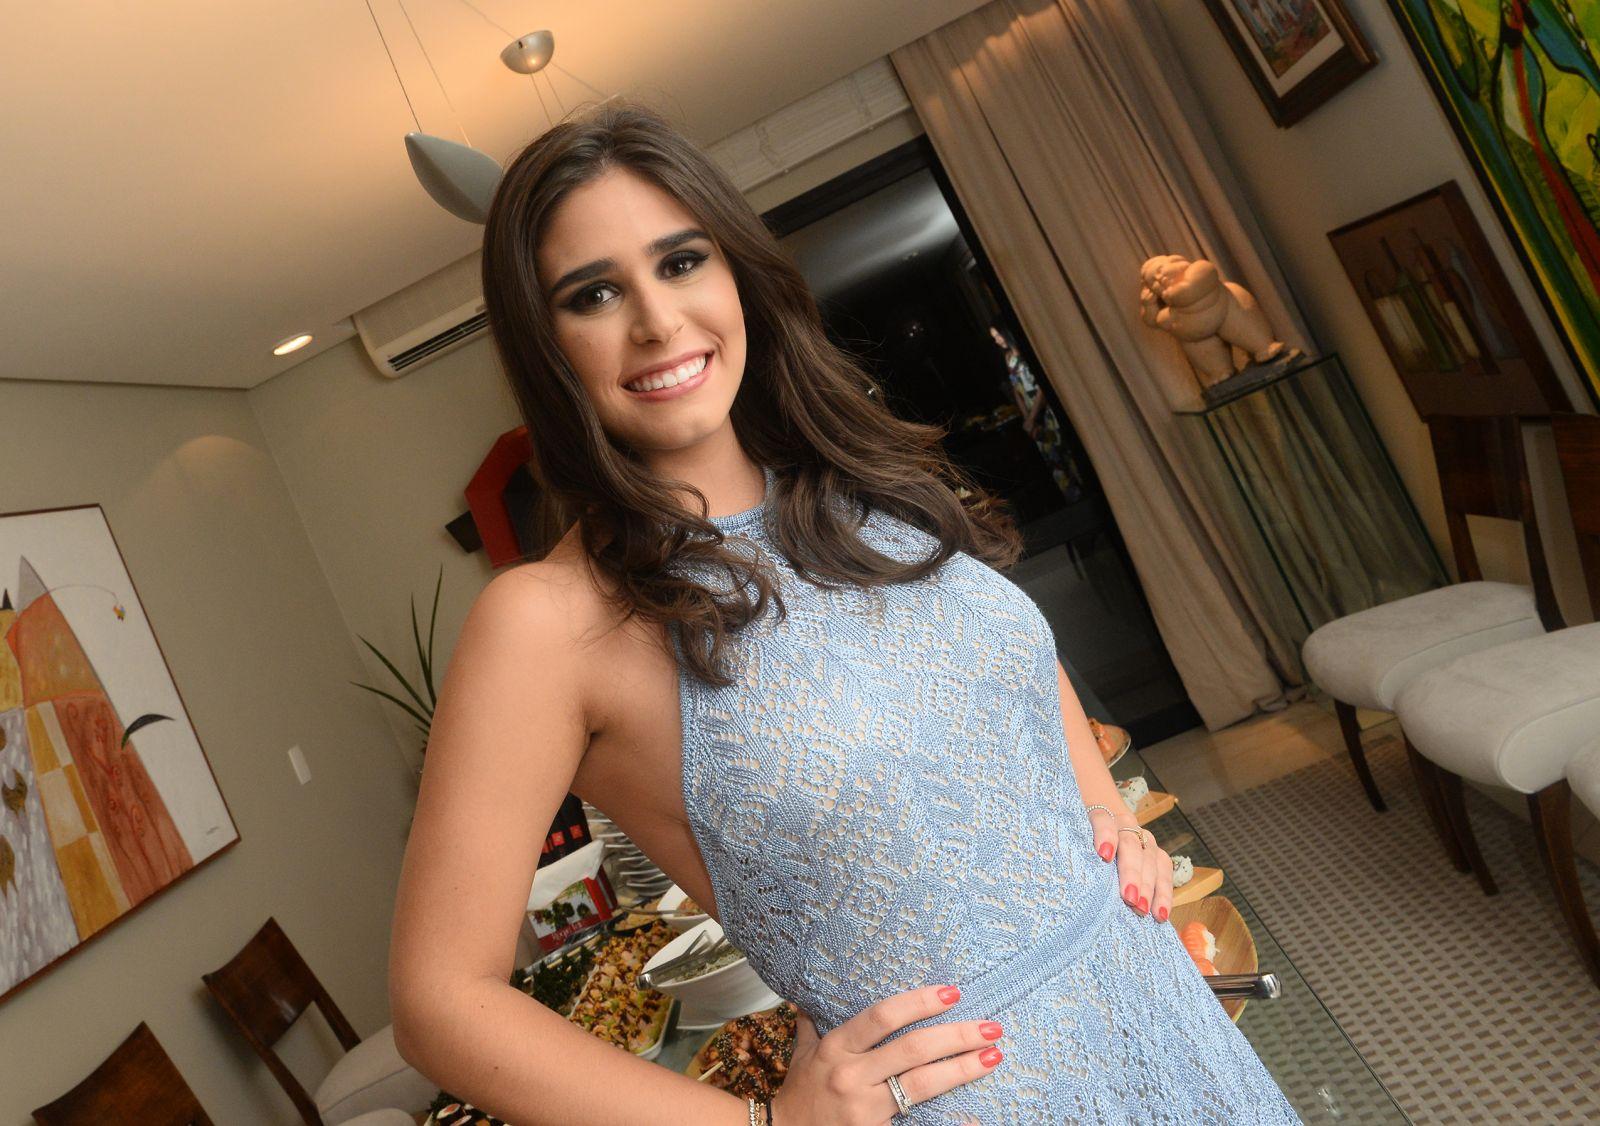 Walter Pinheiro(jornalista), é o nobre aniversariante de hoje, na foto ele está com sua esposa Gel Pinheiro